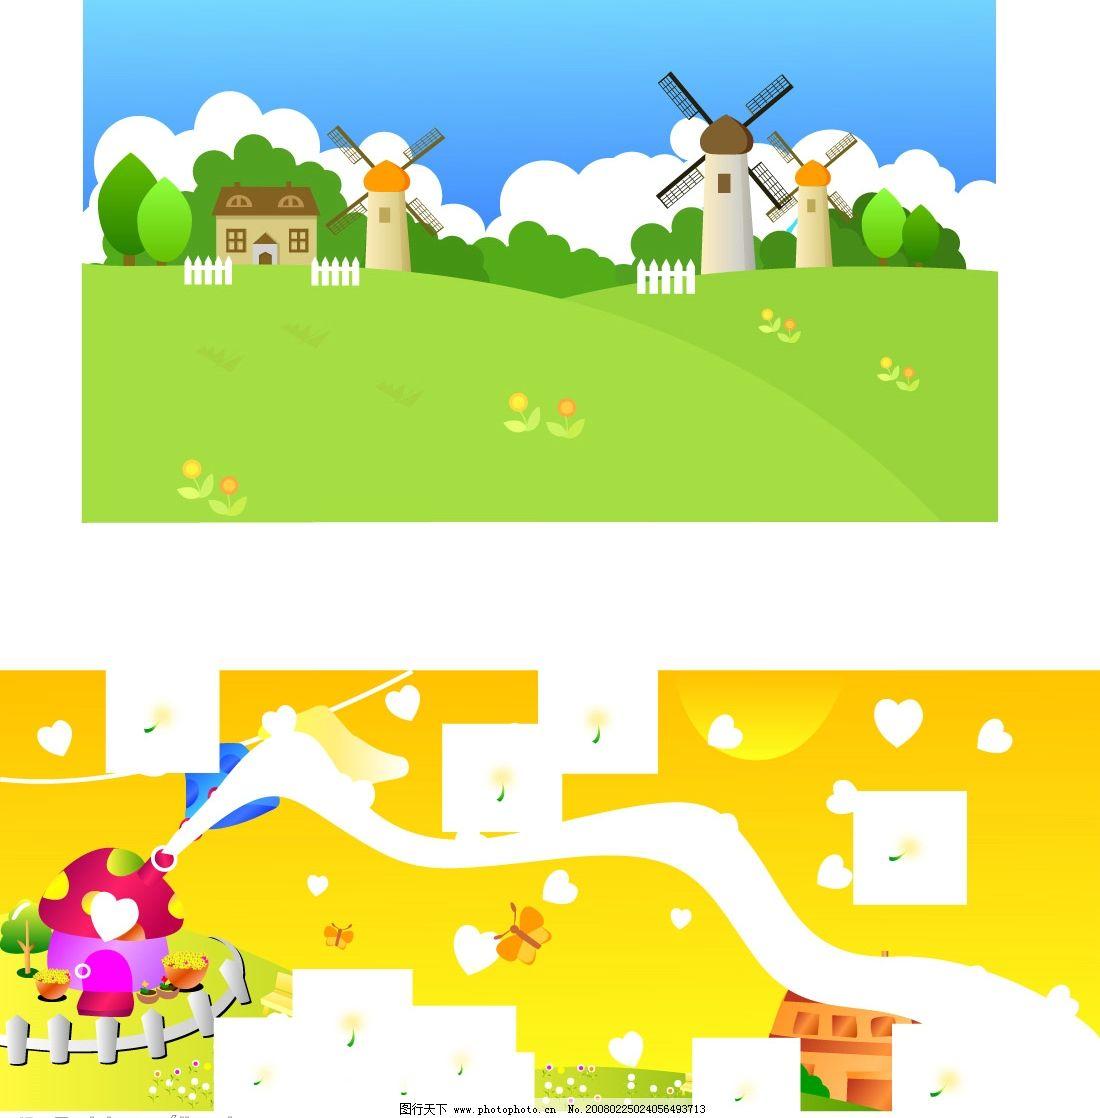 欧美乡村 风车 房屋 蝴蝶 树木 花草 蒲公英 自然风景 矢量风景系列